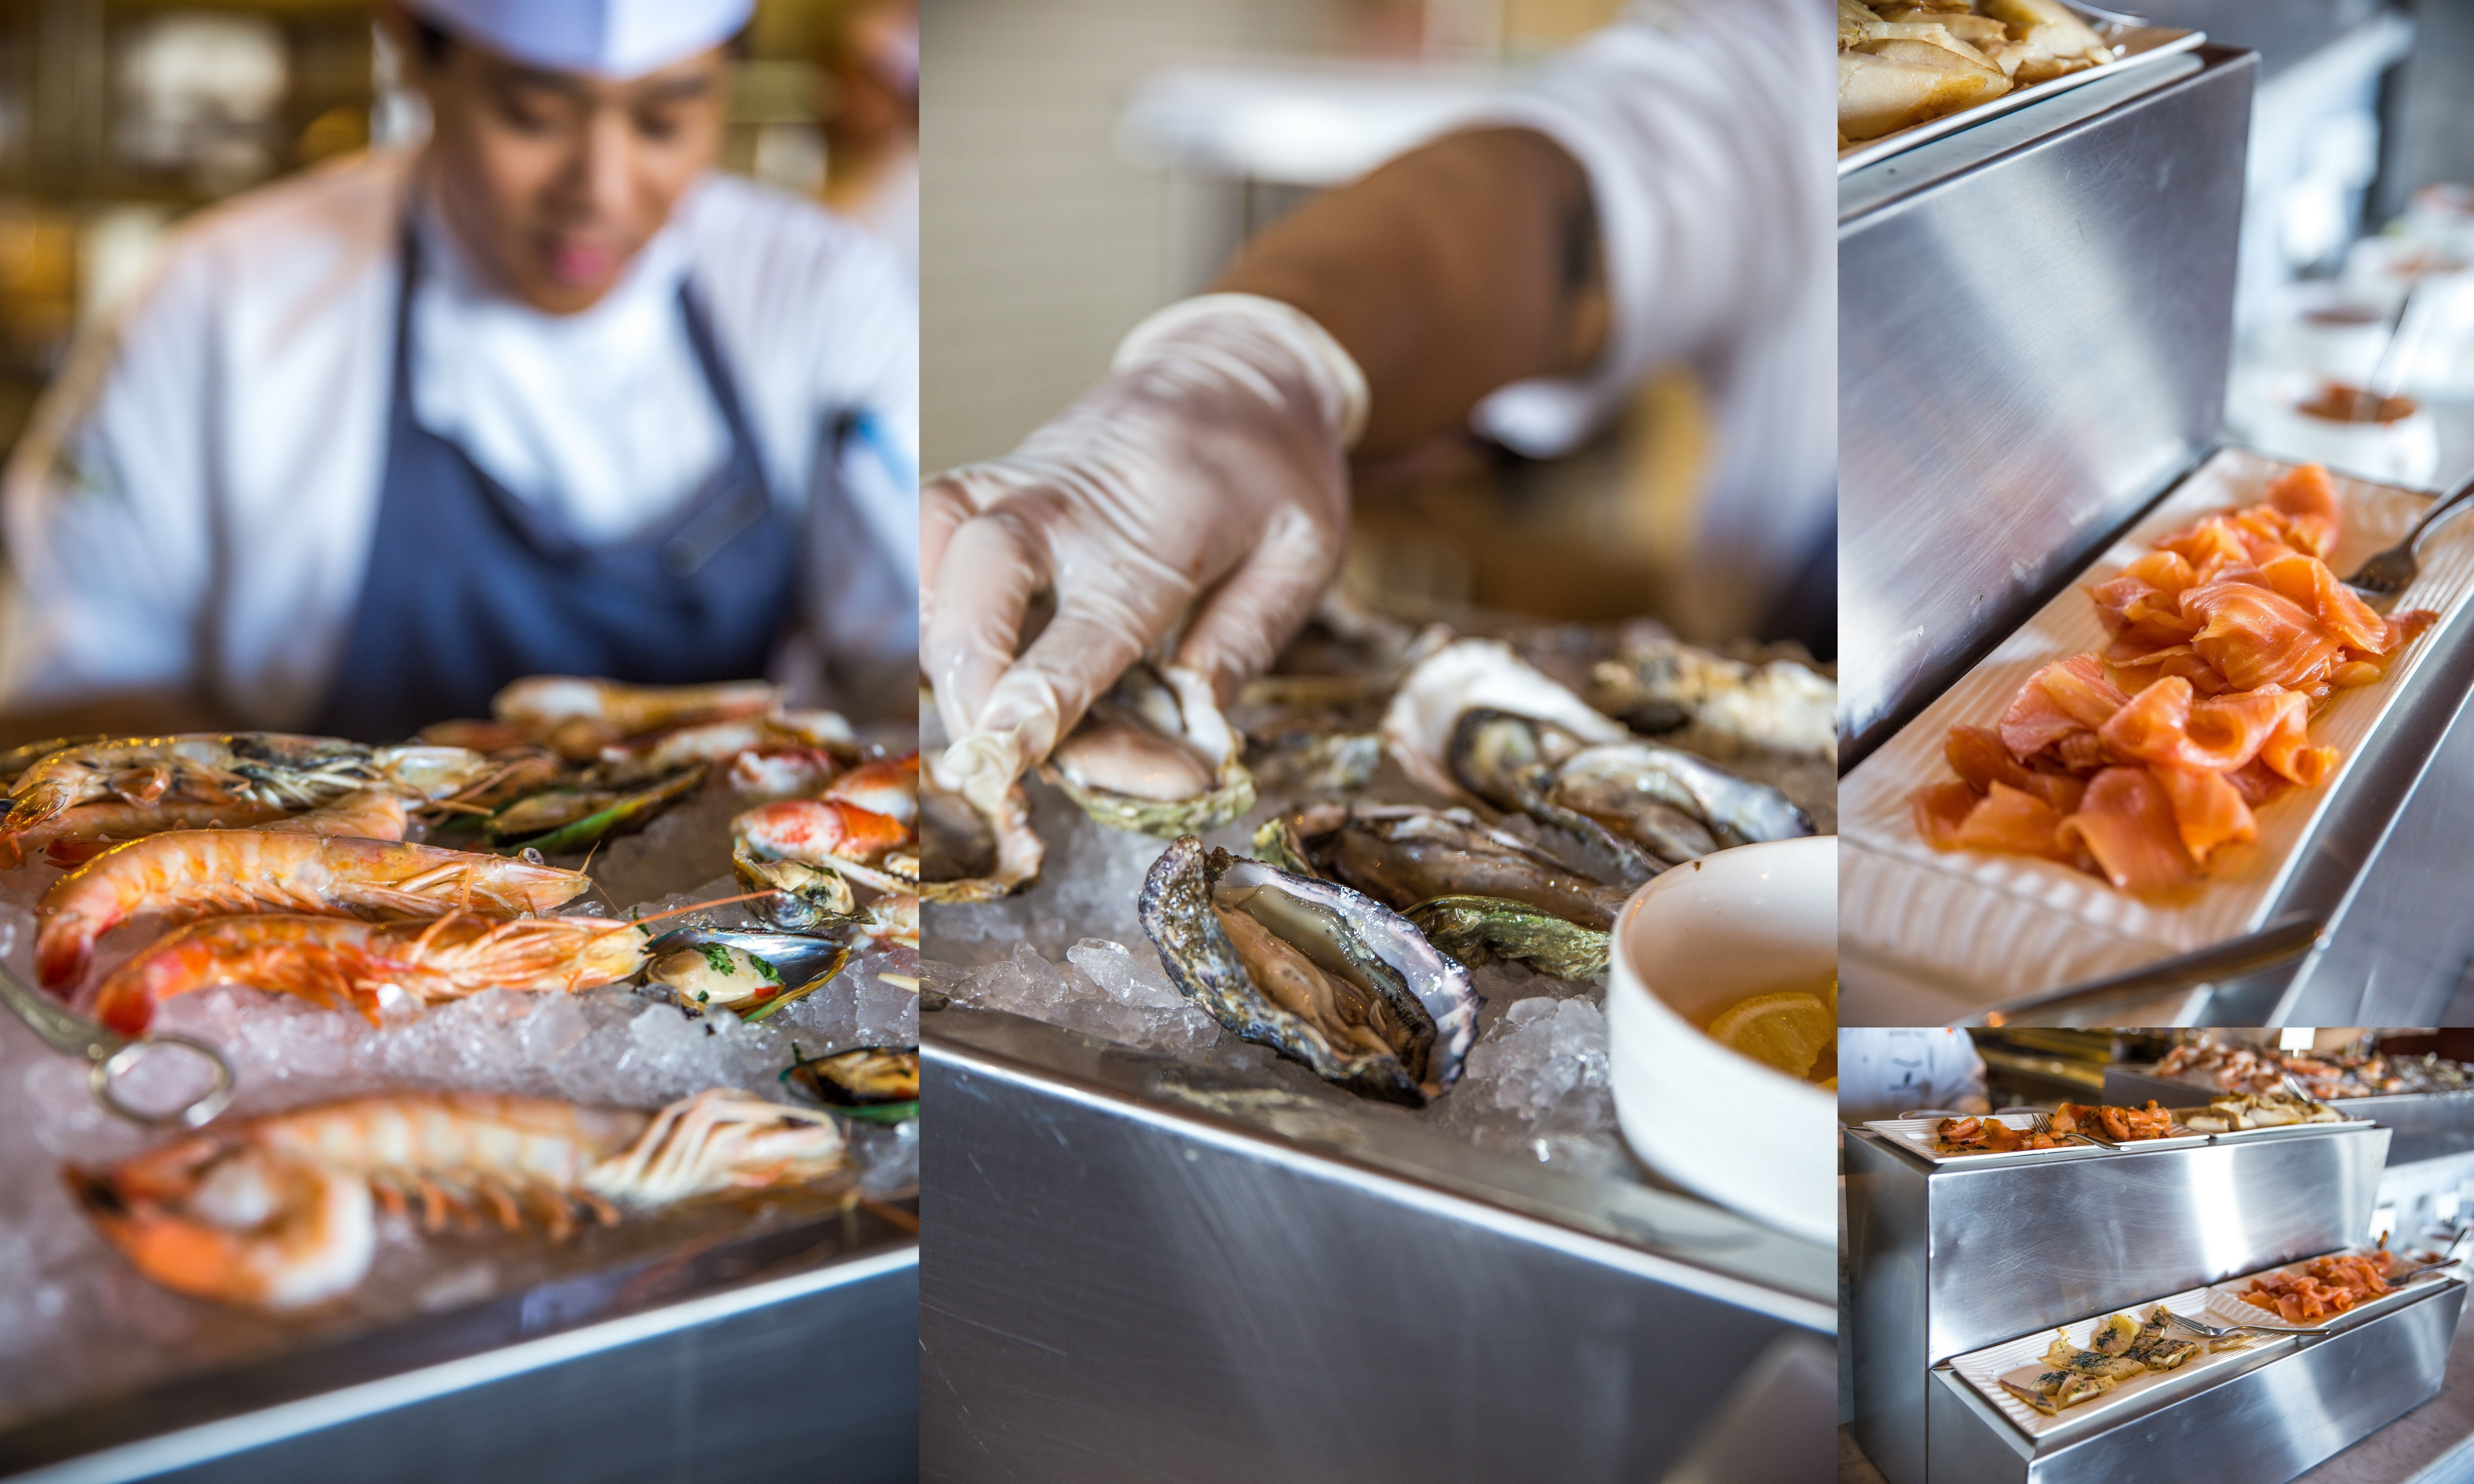 ritzcarltonbrunch, restaurantreview, foodblog, foodphotography, bestbrunchbayarea, multicuisine, worldcuisine, ritzcarltonhalfmoonbay, halfmoonbay